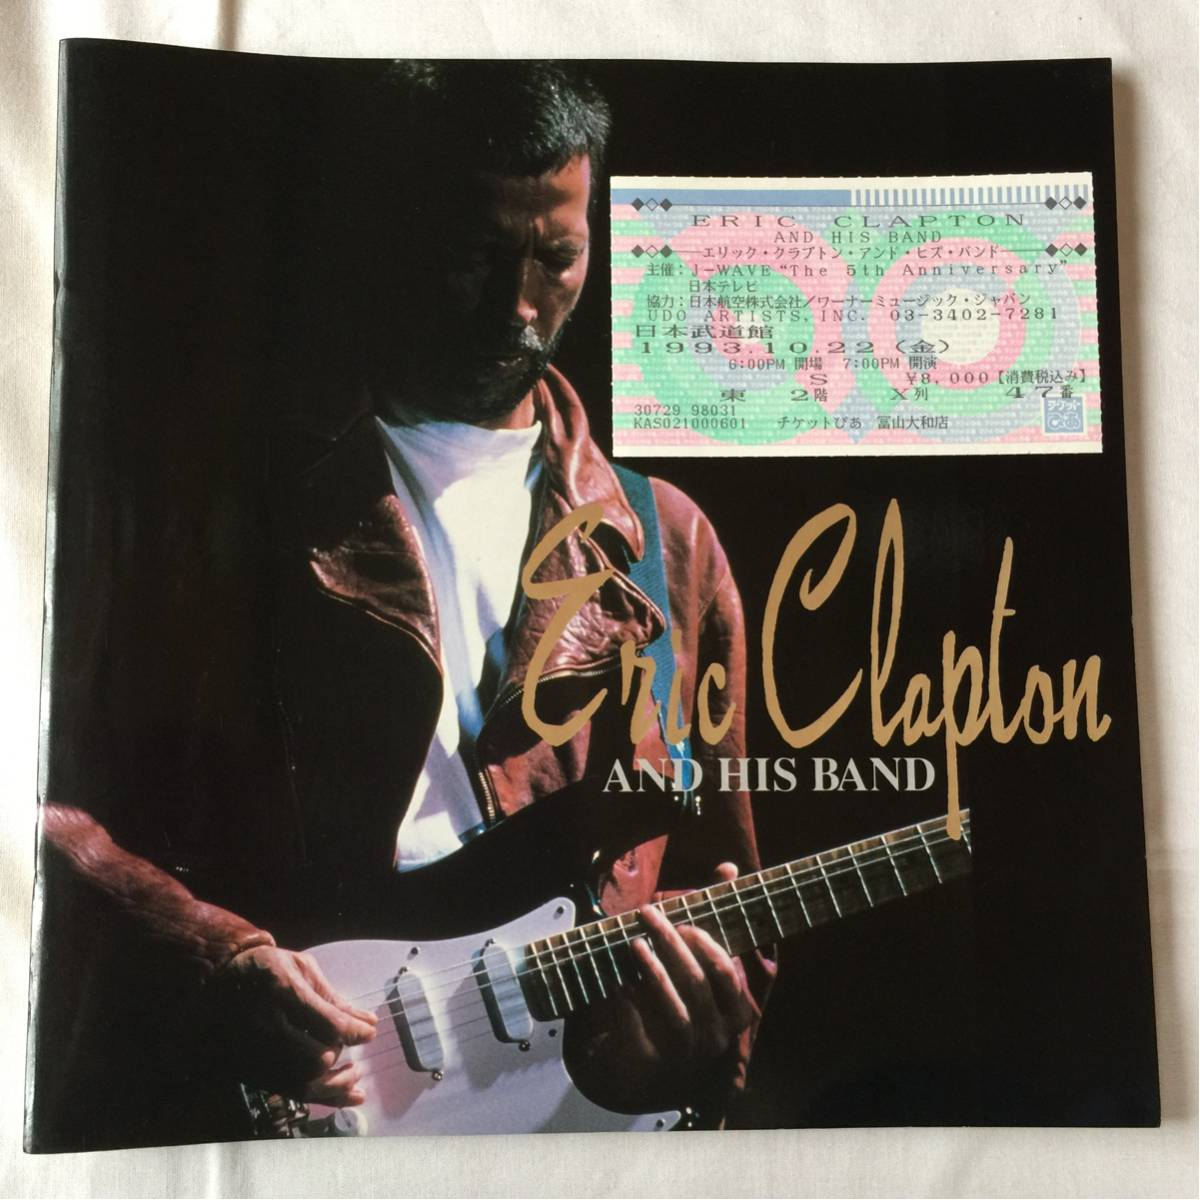 エリッククラプトン 来日公演 1993.10.22 パンフレット 半券 ライブ コンサート ライブグッズの画像